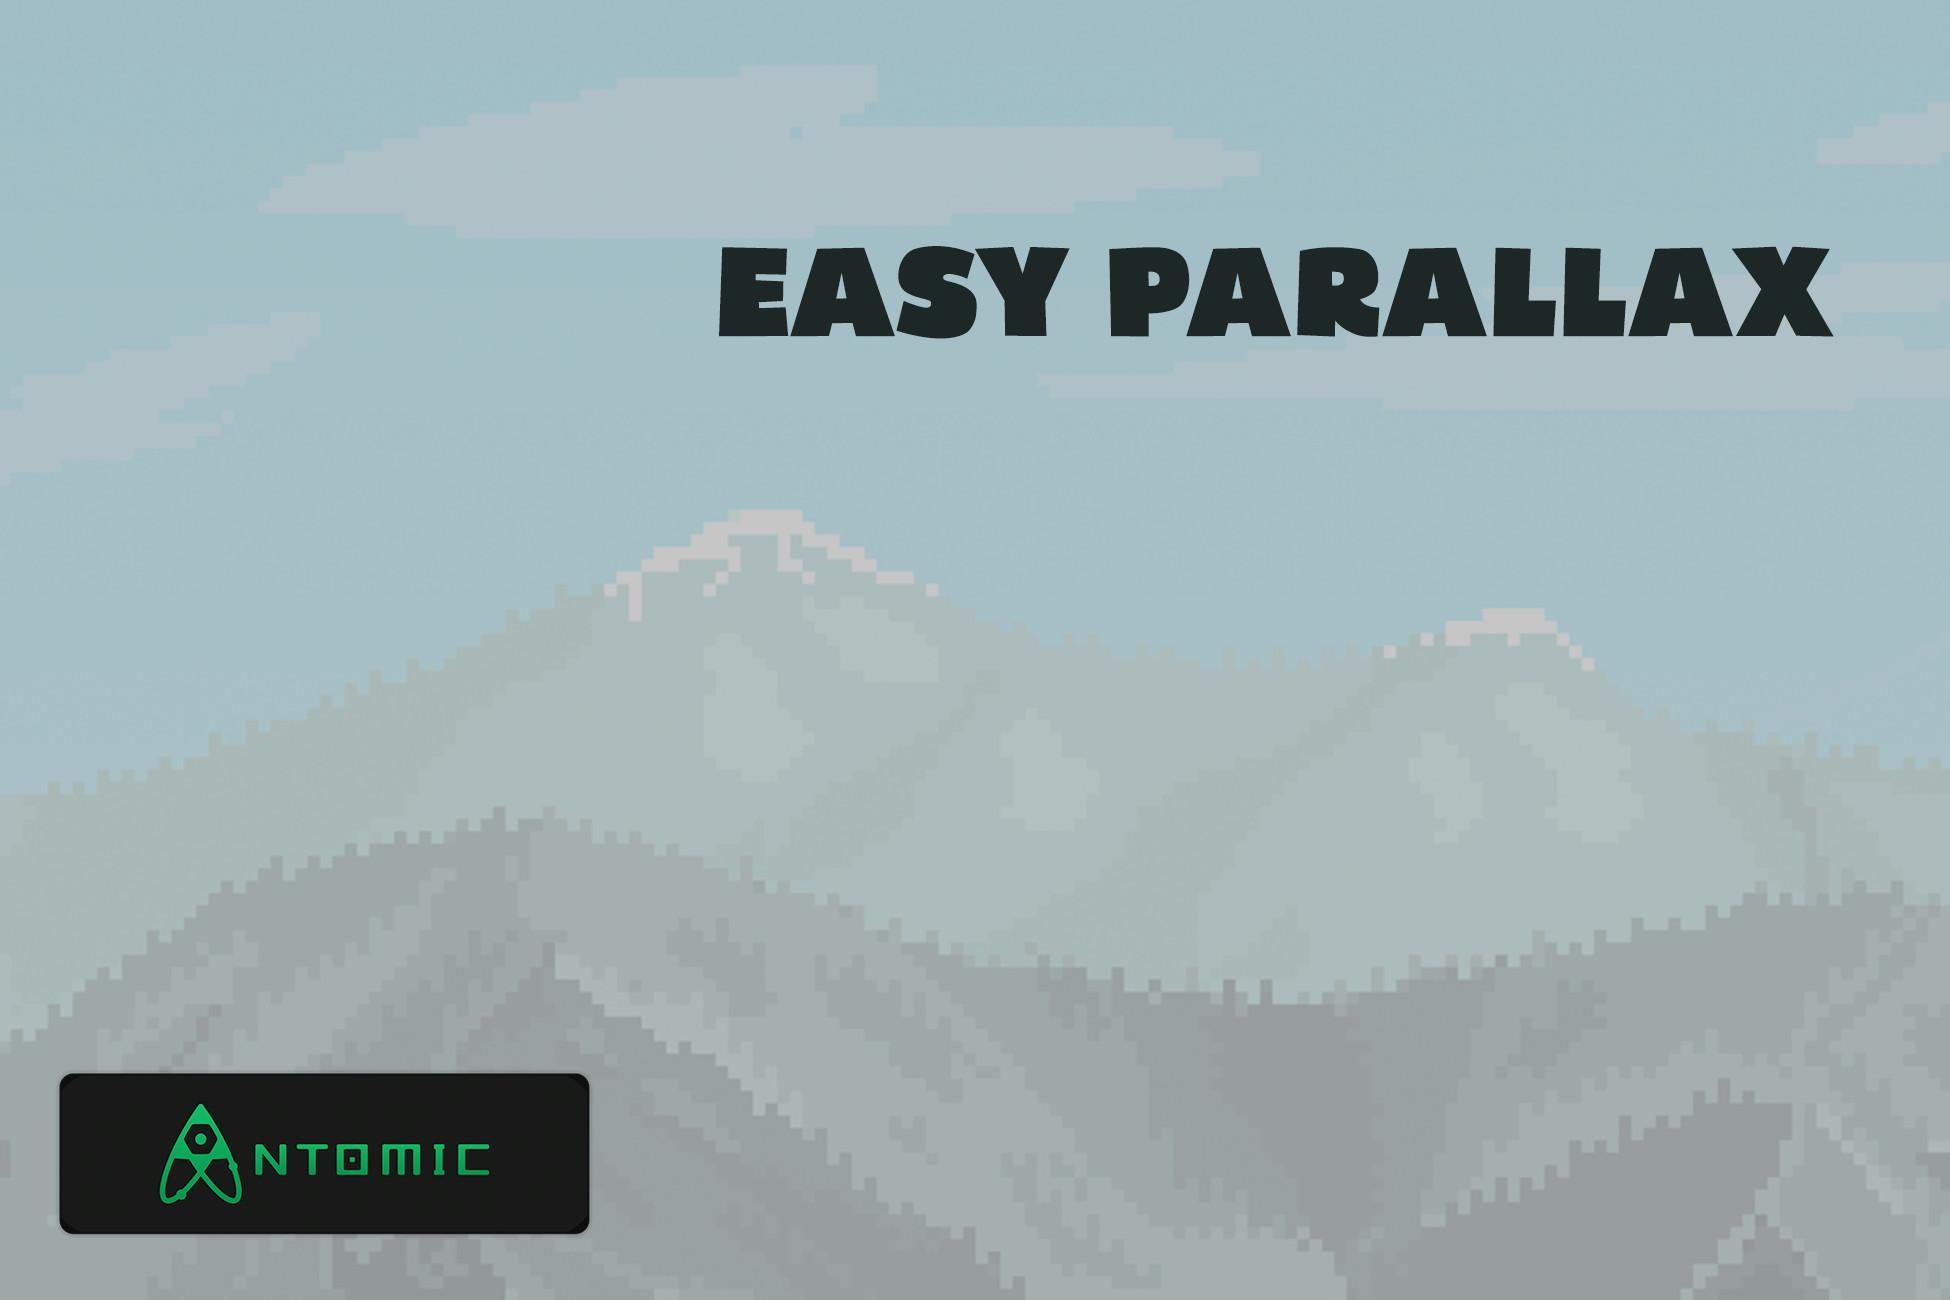 Easy Parallax